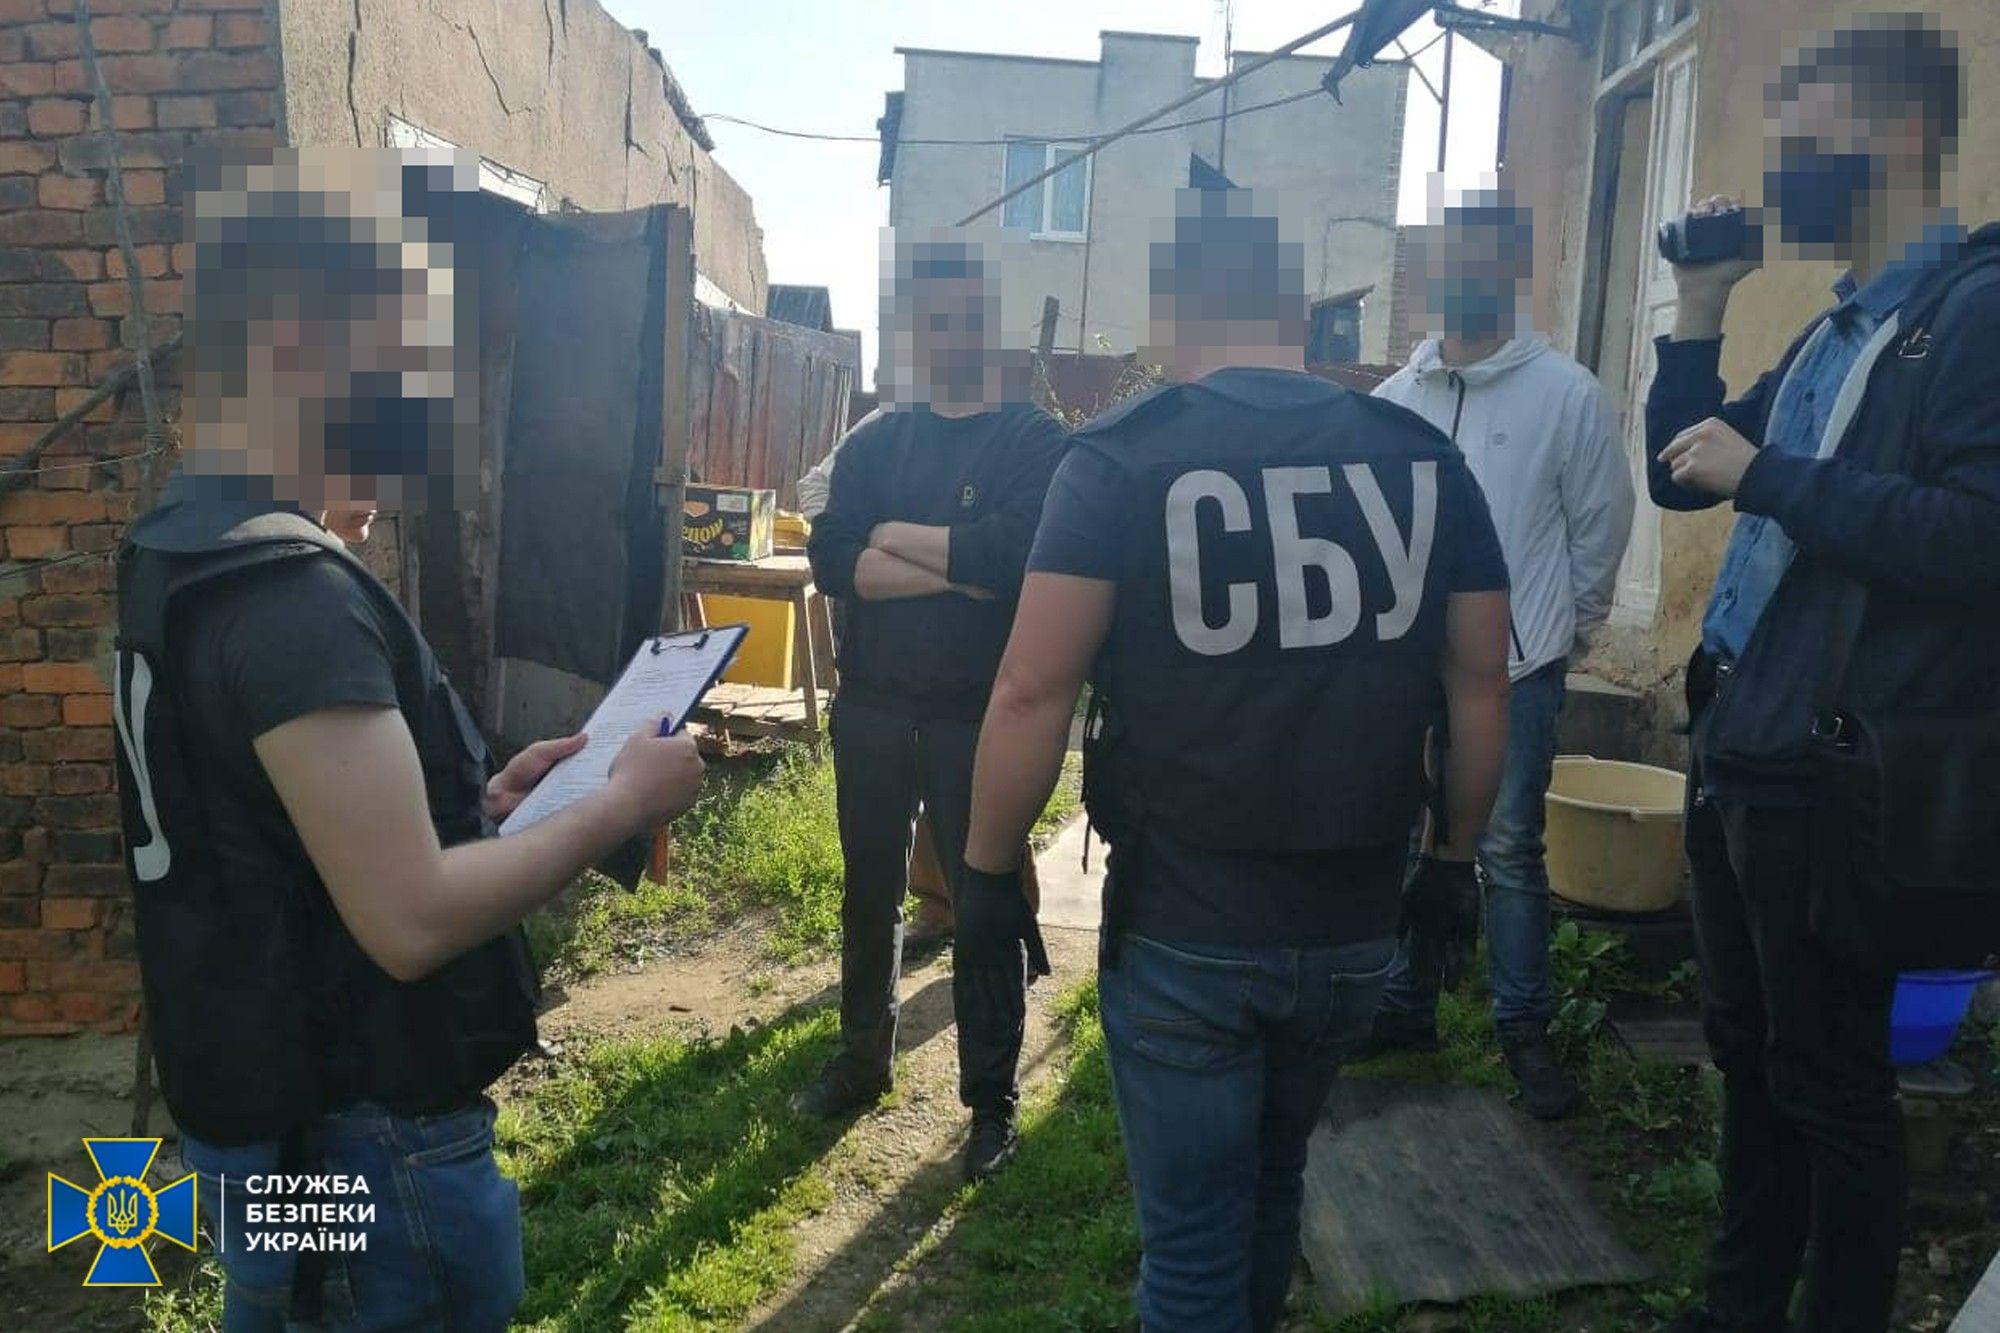 СБУ заявила про викриття міжрегіональної мережі антиукраїнських агітаторів, які працювали на РФ